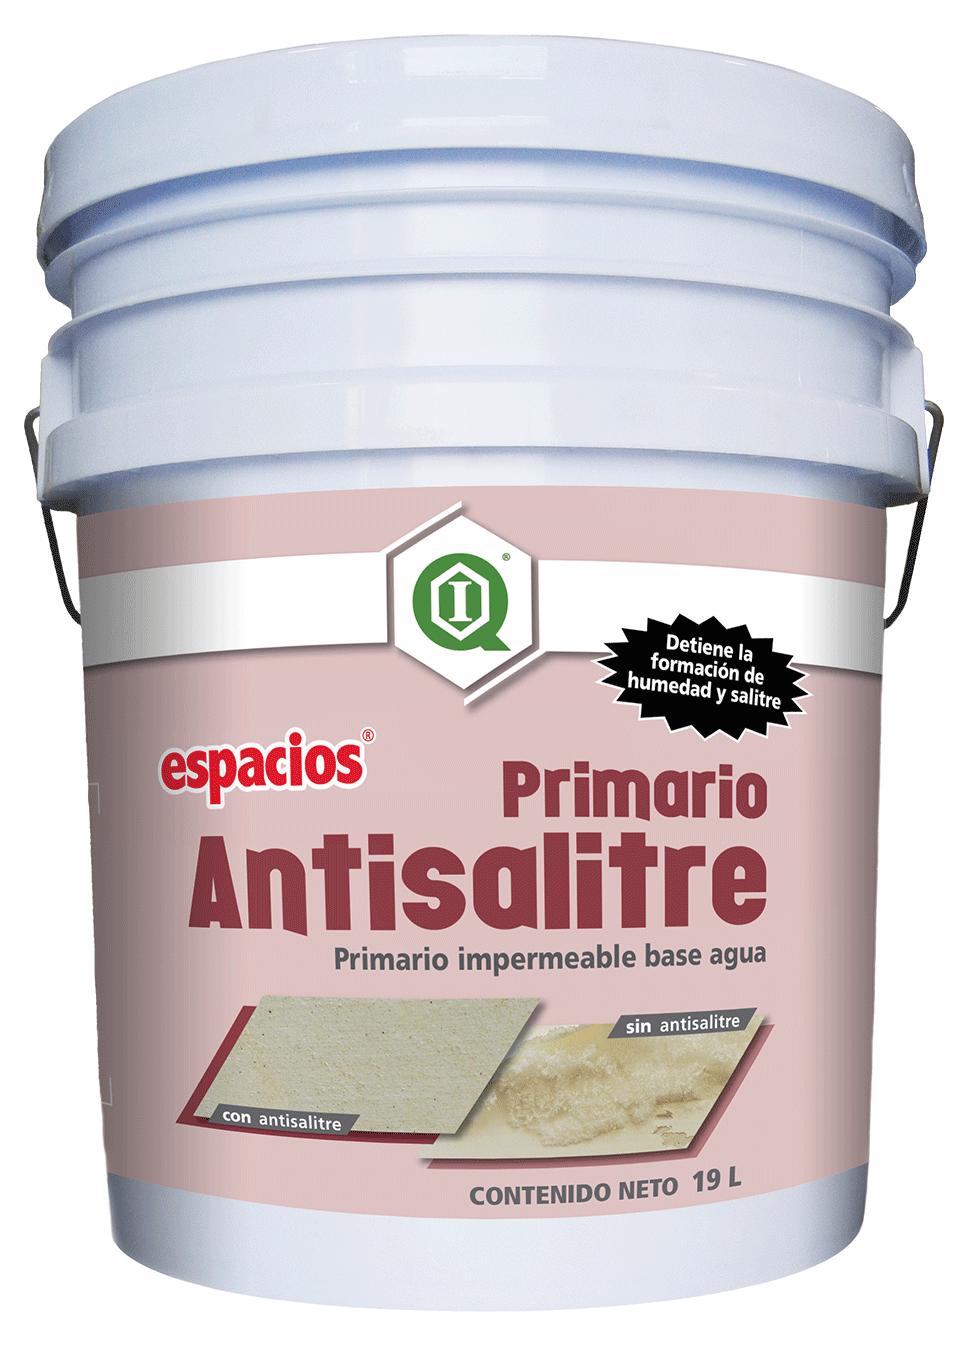 Espacios-Antisalitre